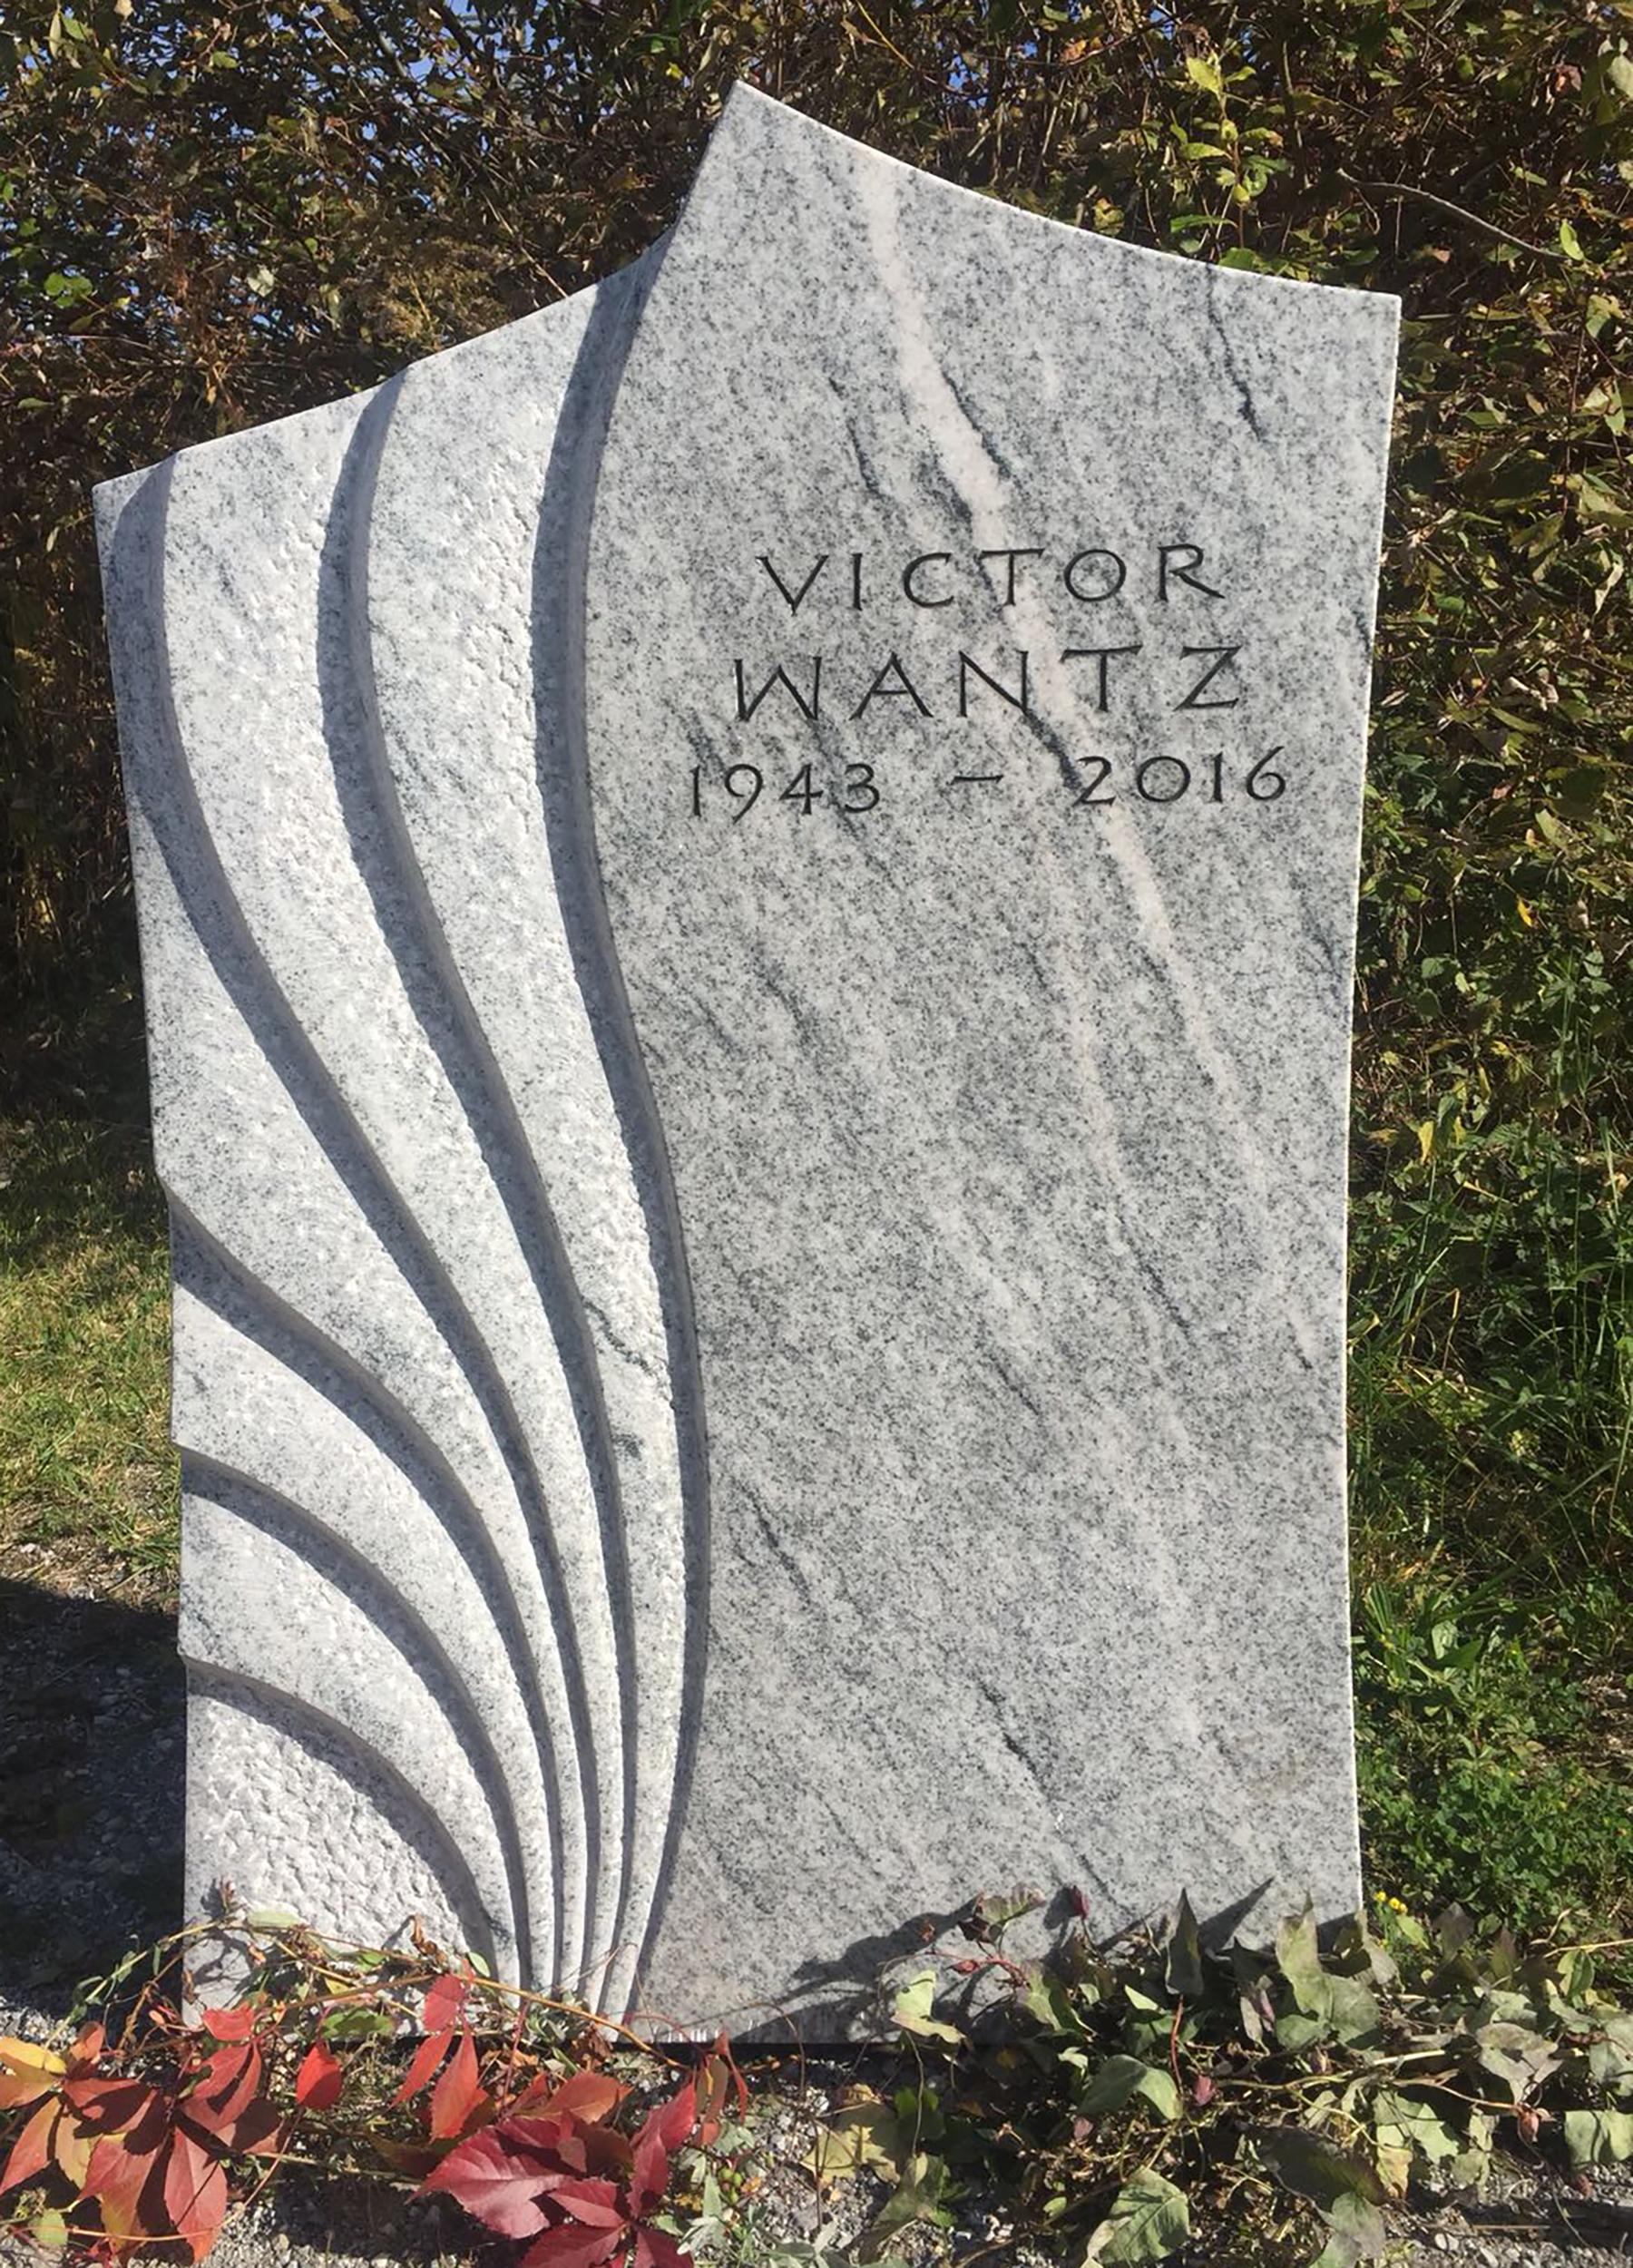 Grabstein aus Viscont-White Granit